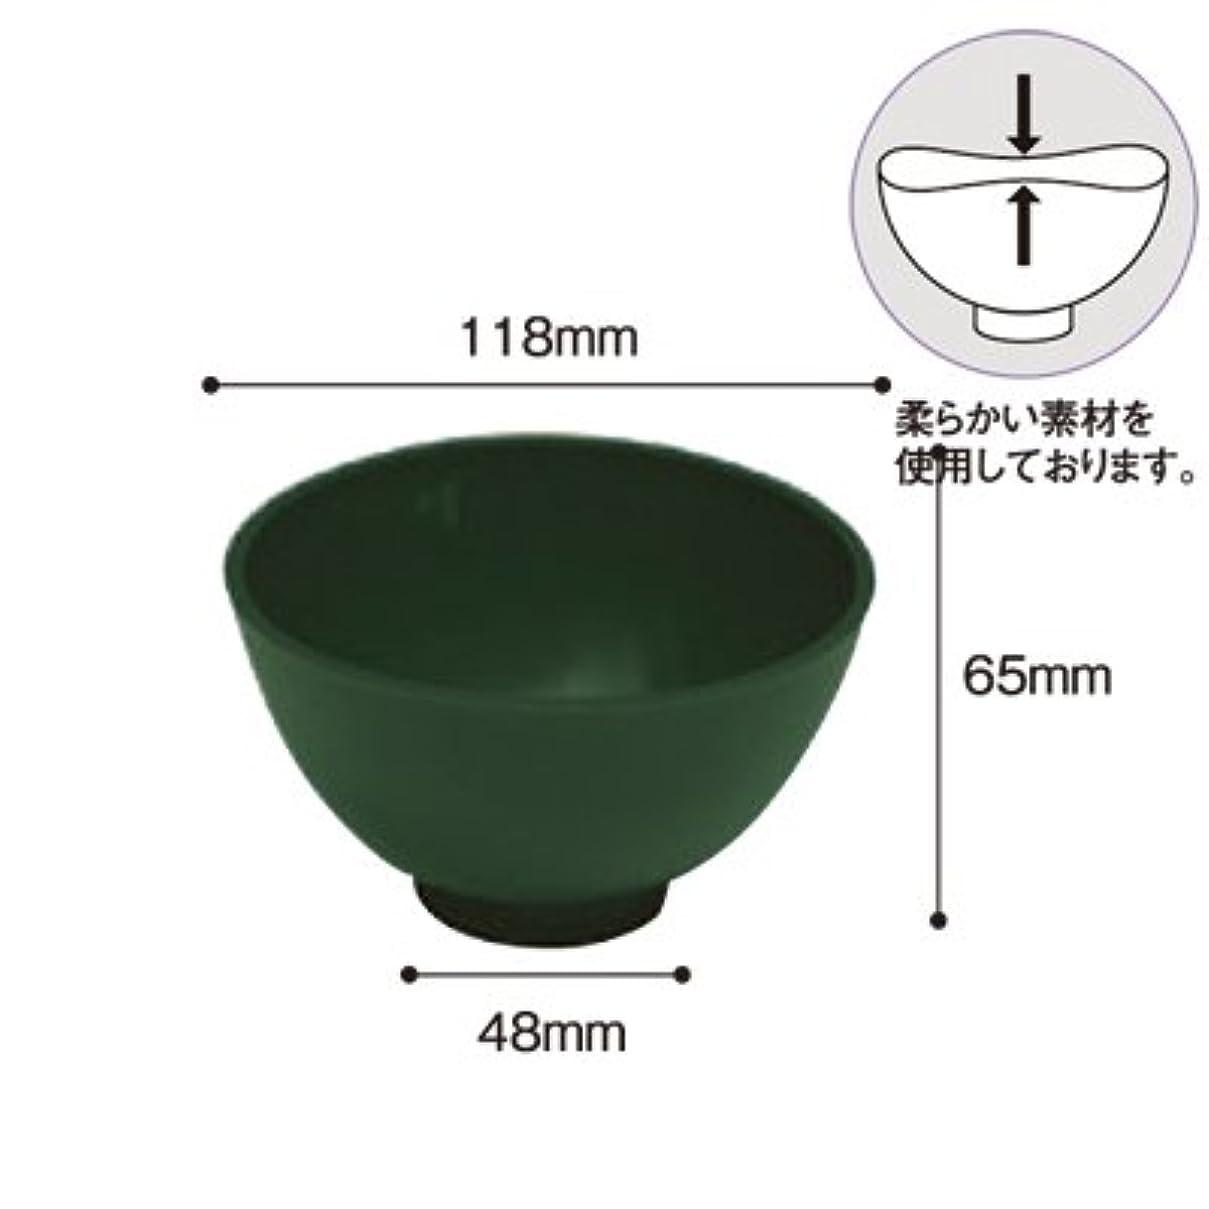 関係する中でボルト(ロータス)LOTUS ラバーボウル エステ サロン 割れない カップ 歯科 Mサイズ (直径:127mm)グリーン